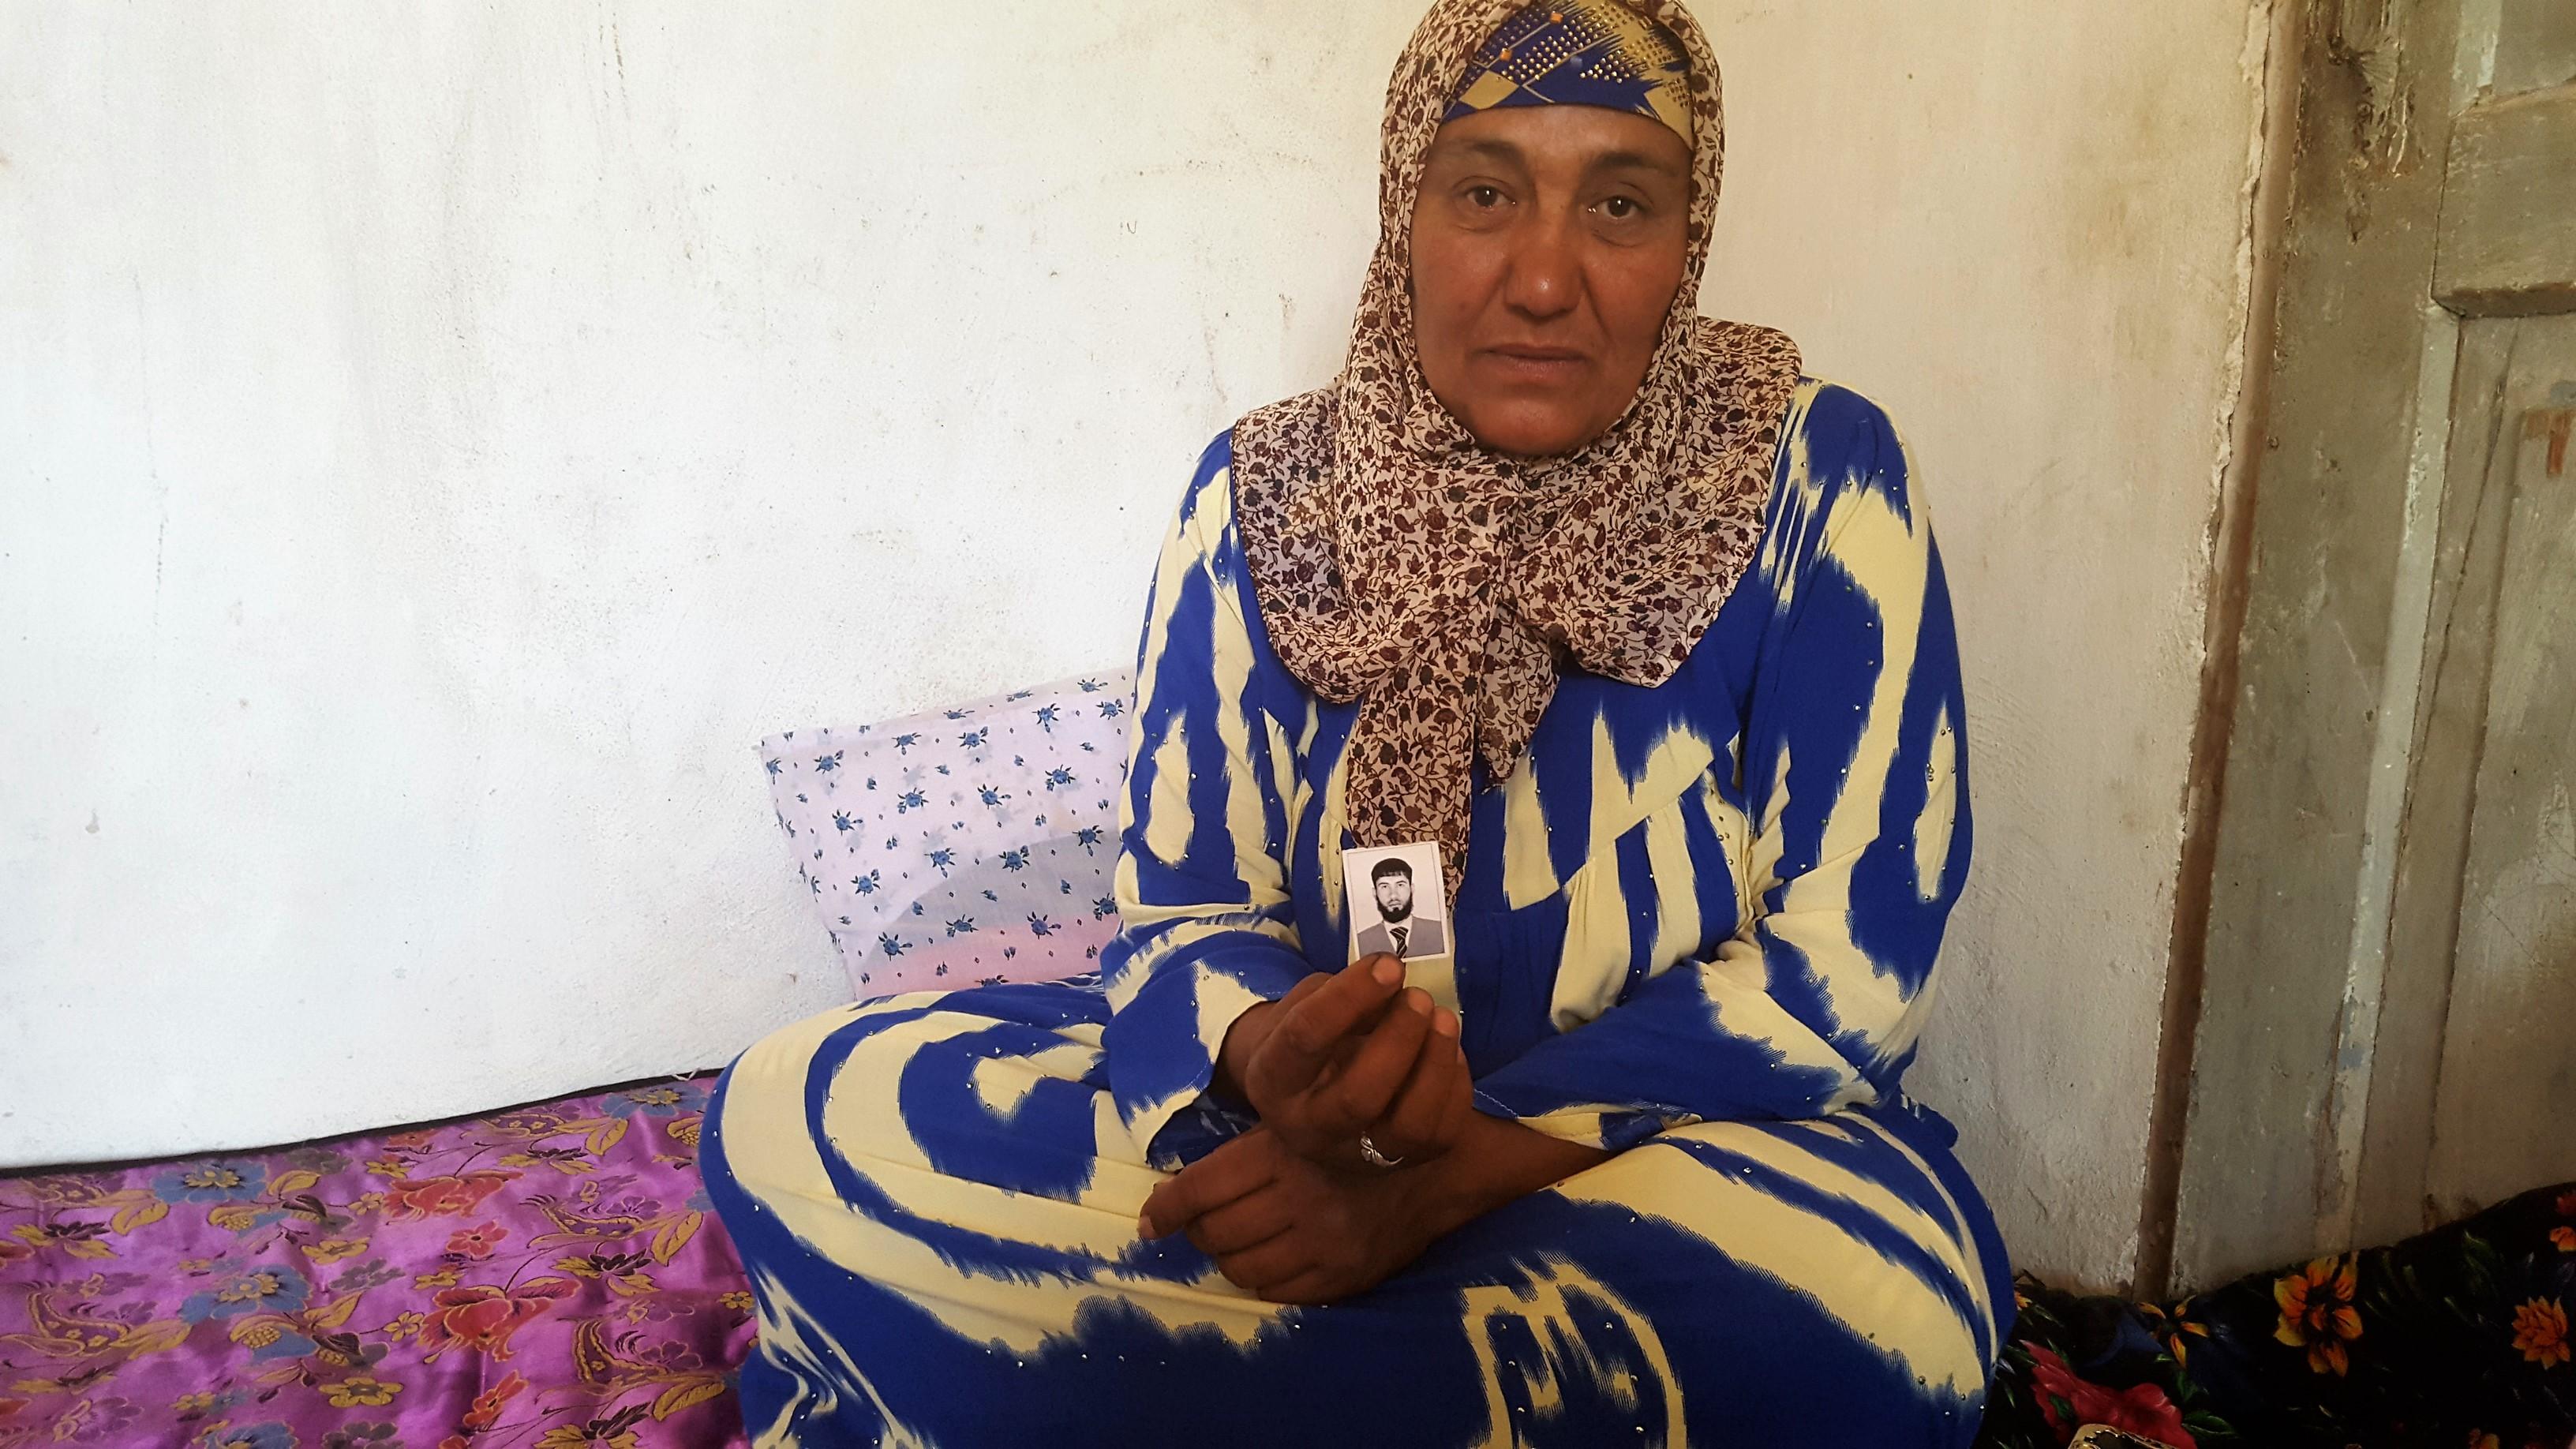 Ашурмо из Бохтарского района Хатлонской области держит фотографию брата, убитого в Сирии. 20 мая 2017 г. Она так и не сказала их матери о его смерти. [Надин Бахром]